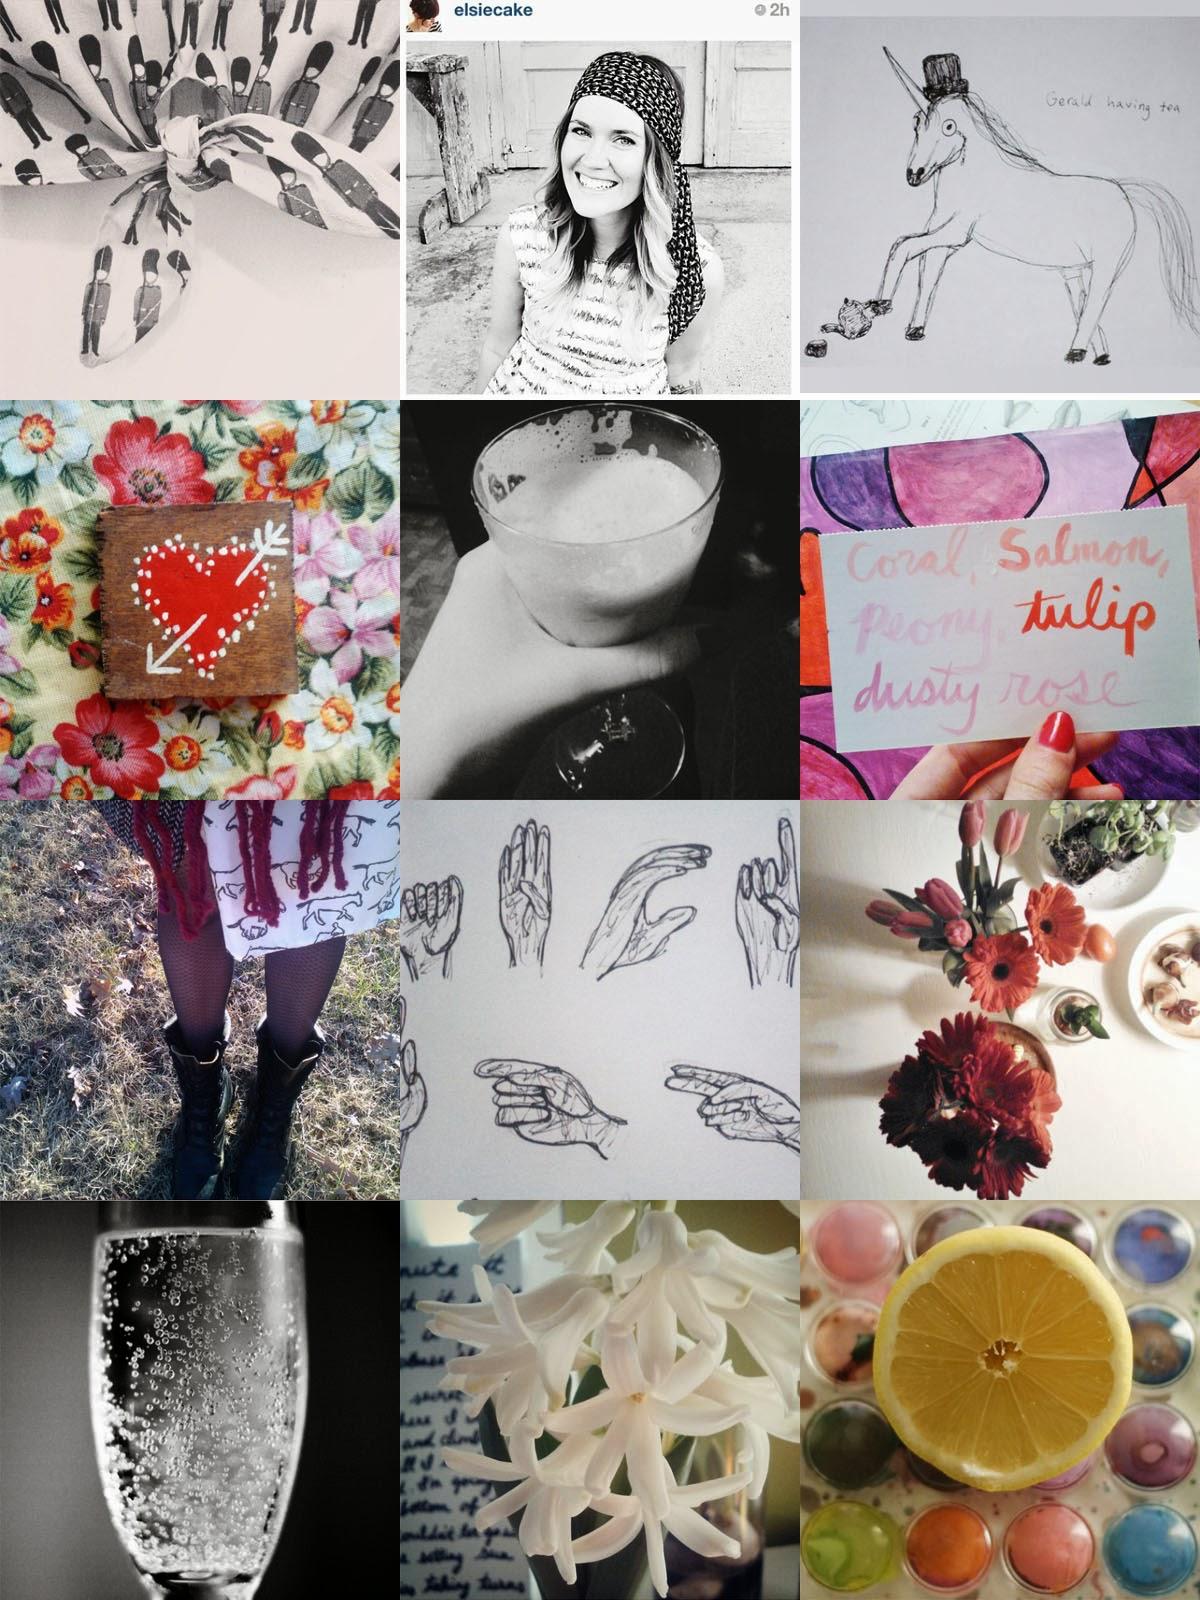 http://www.instagram.com/abeeabb